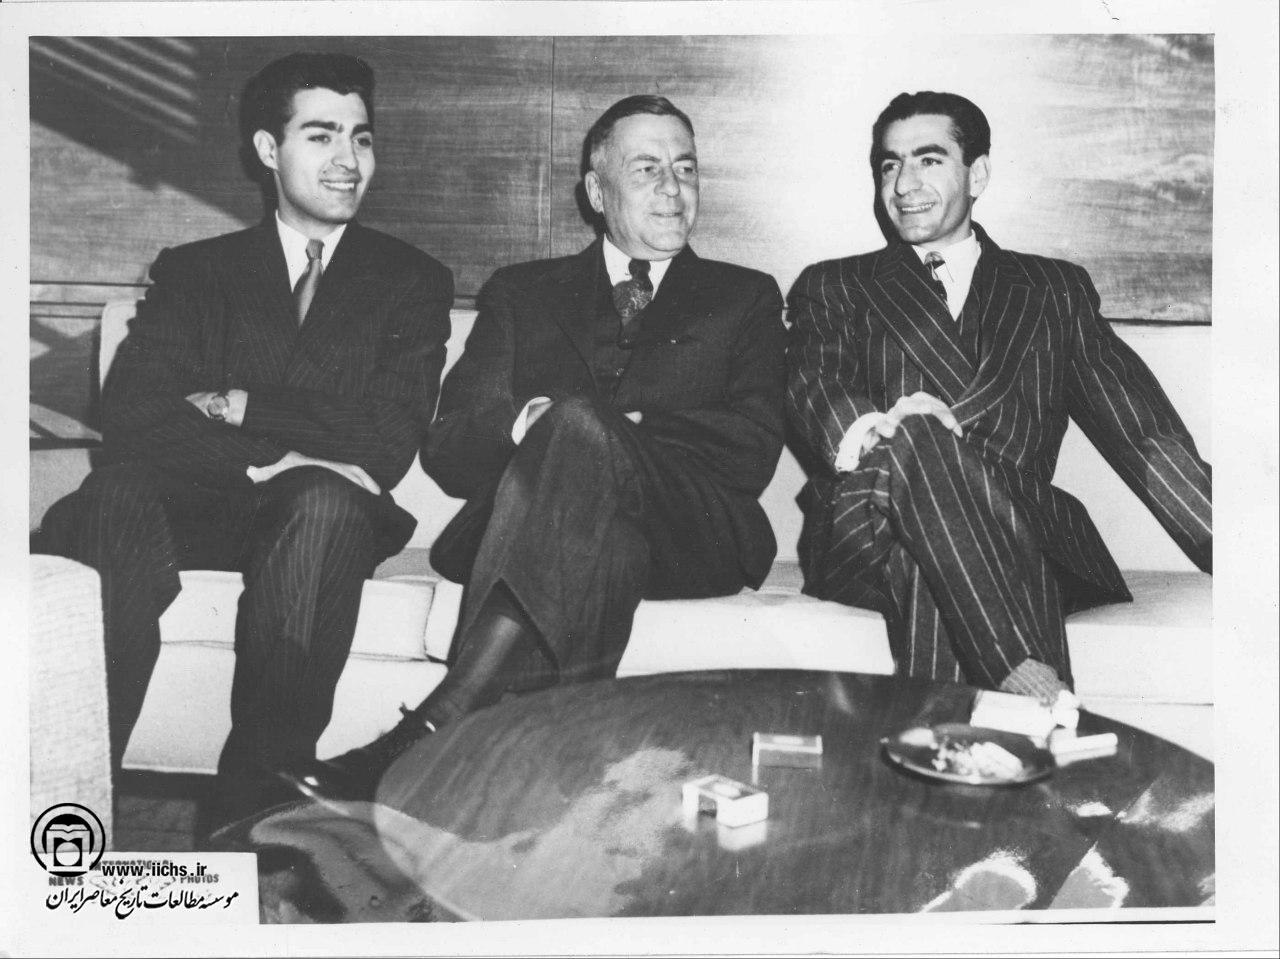 لایحه از کجا آورده ای؛ نمایش ظاهری حکومت پهلوی دوم در مبارزه با فساد اقتصادی